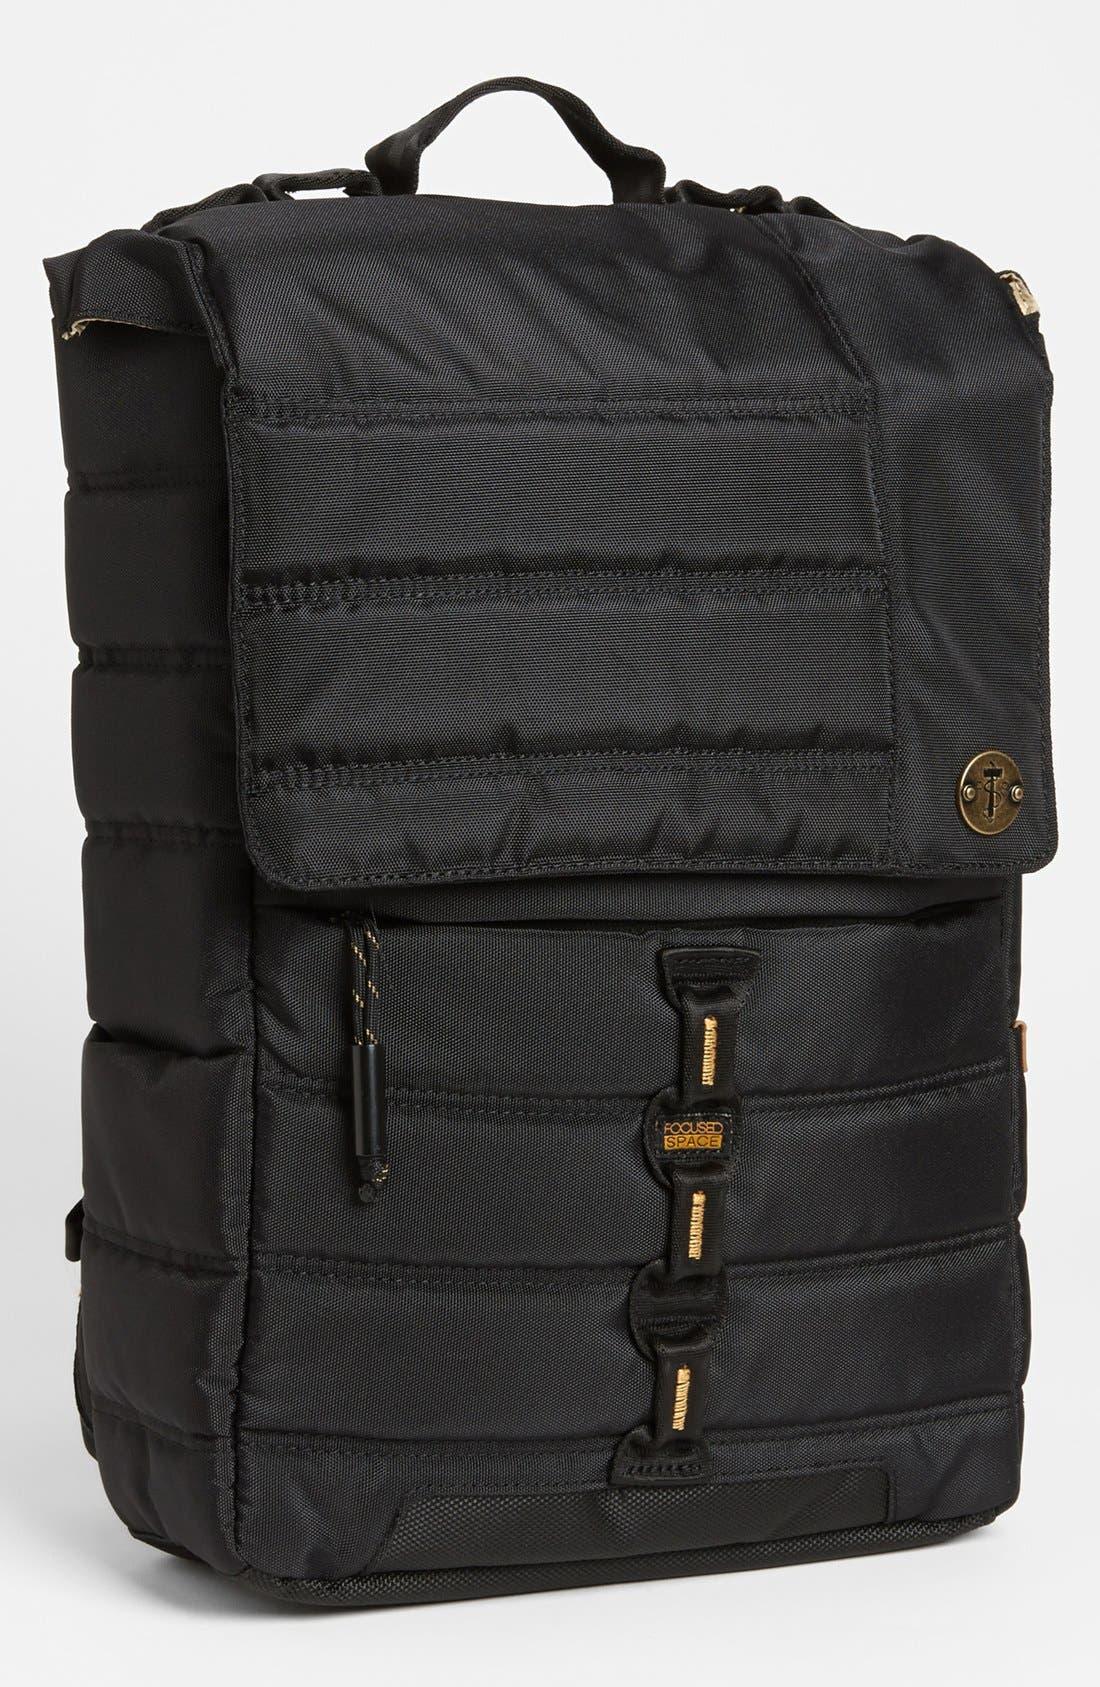 Alternate Image 1 Selected - Focused Space 'Slimline' Backpack